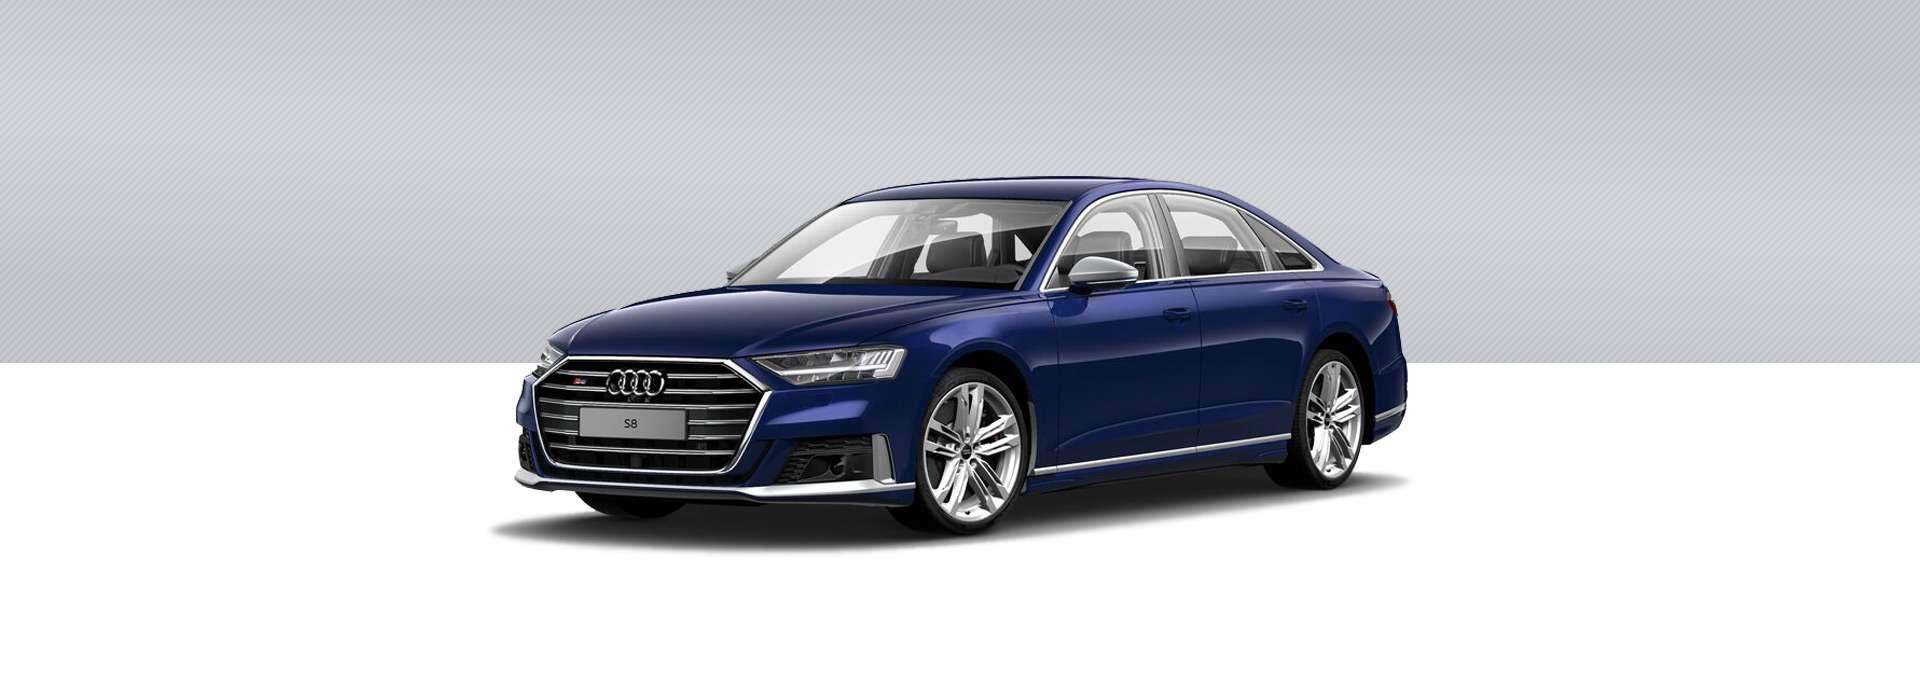 Audi Nuevo S8